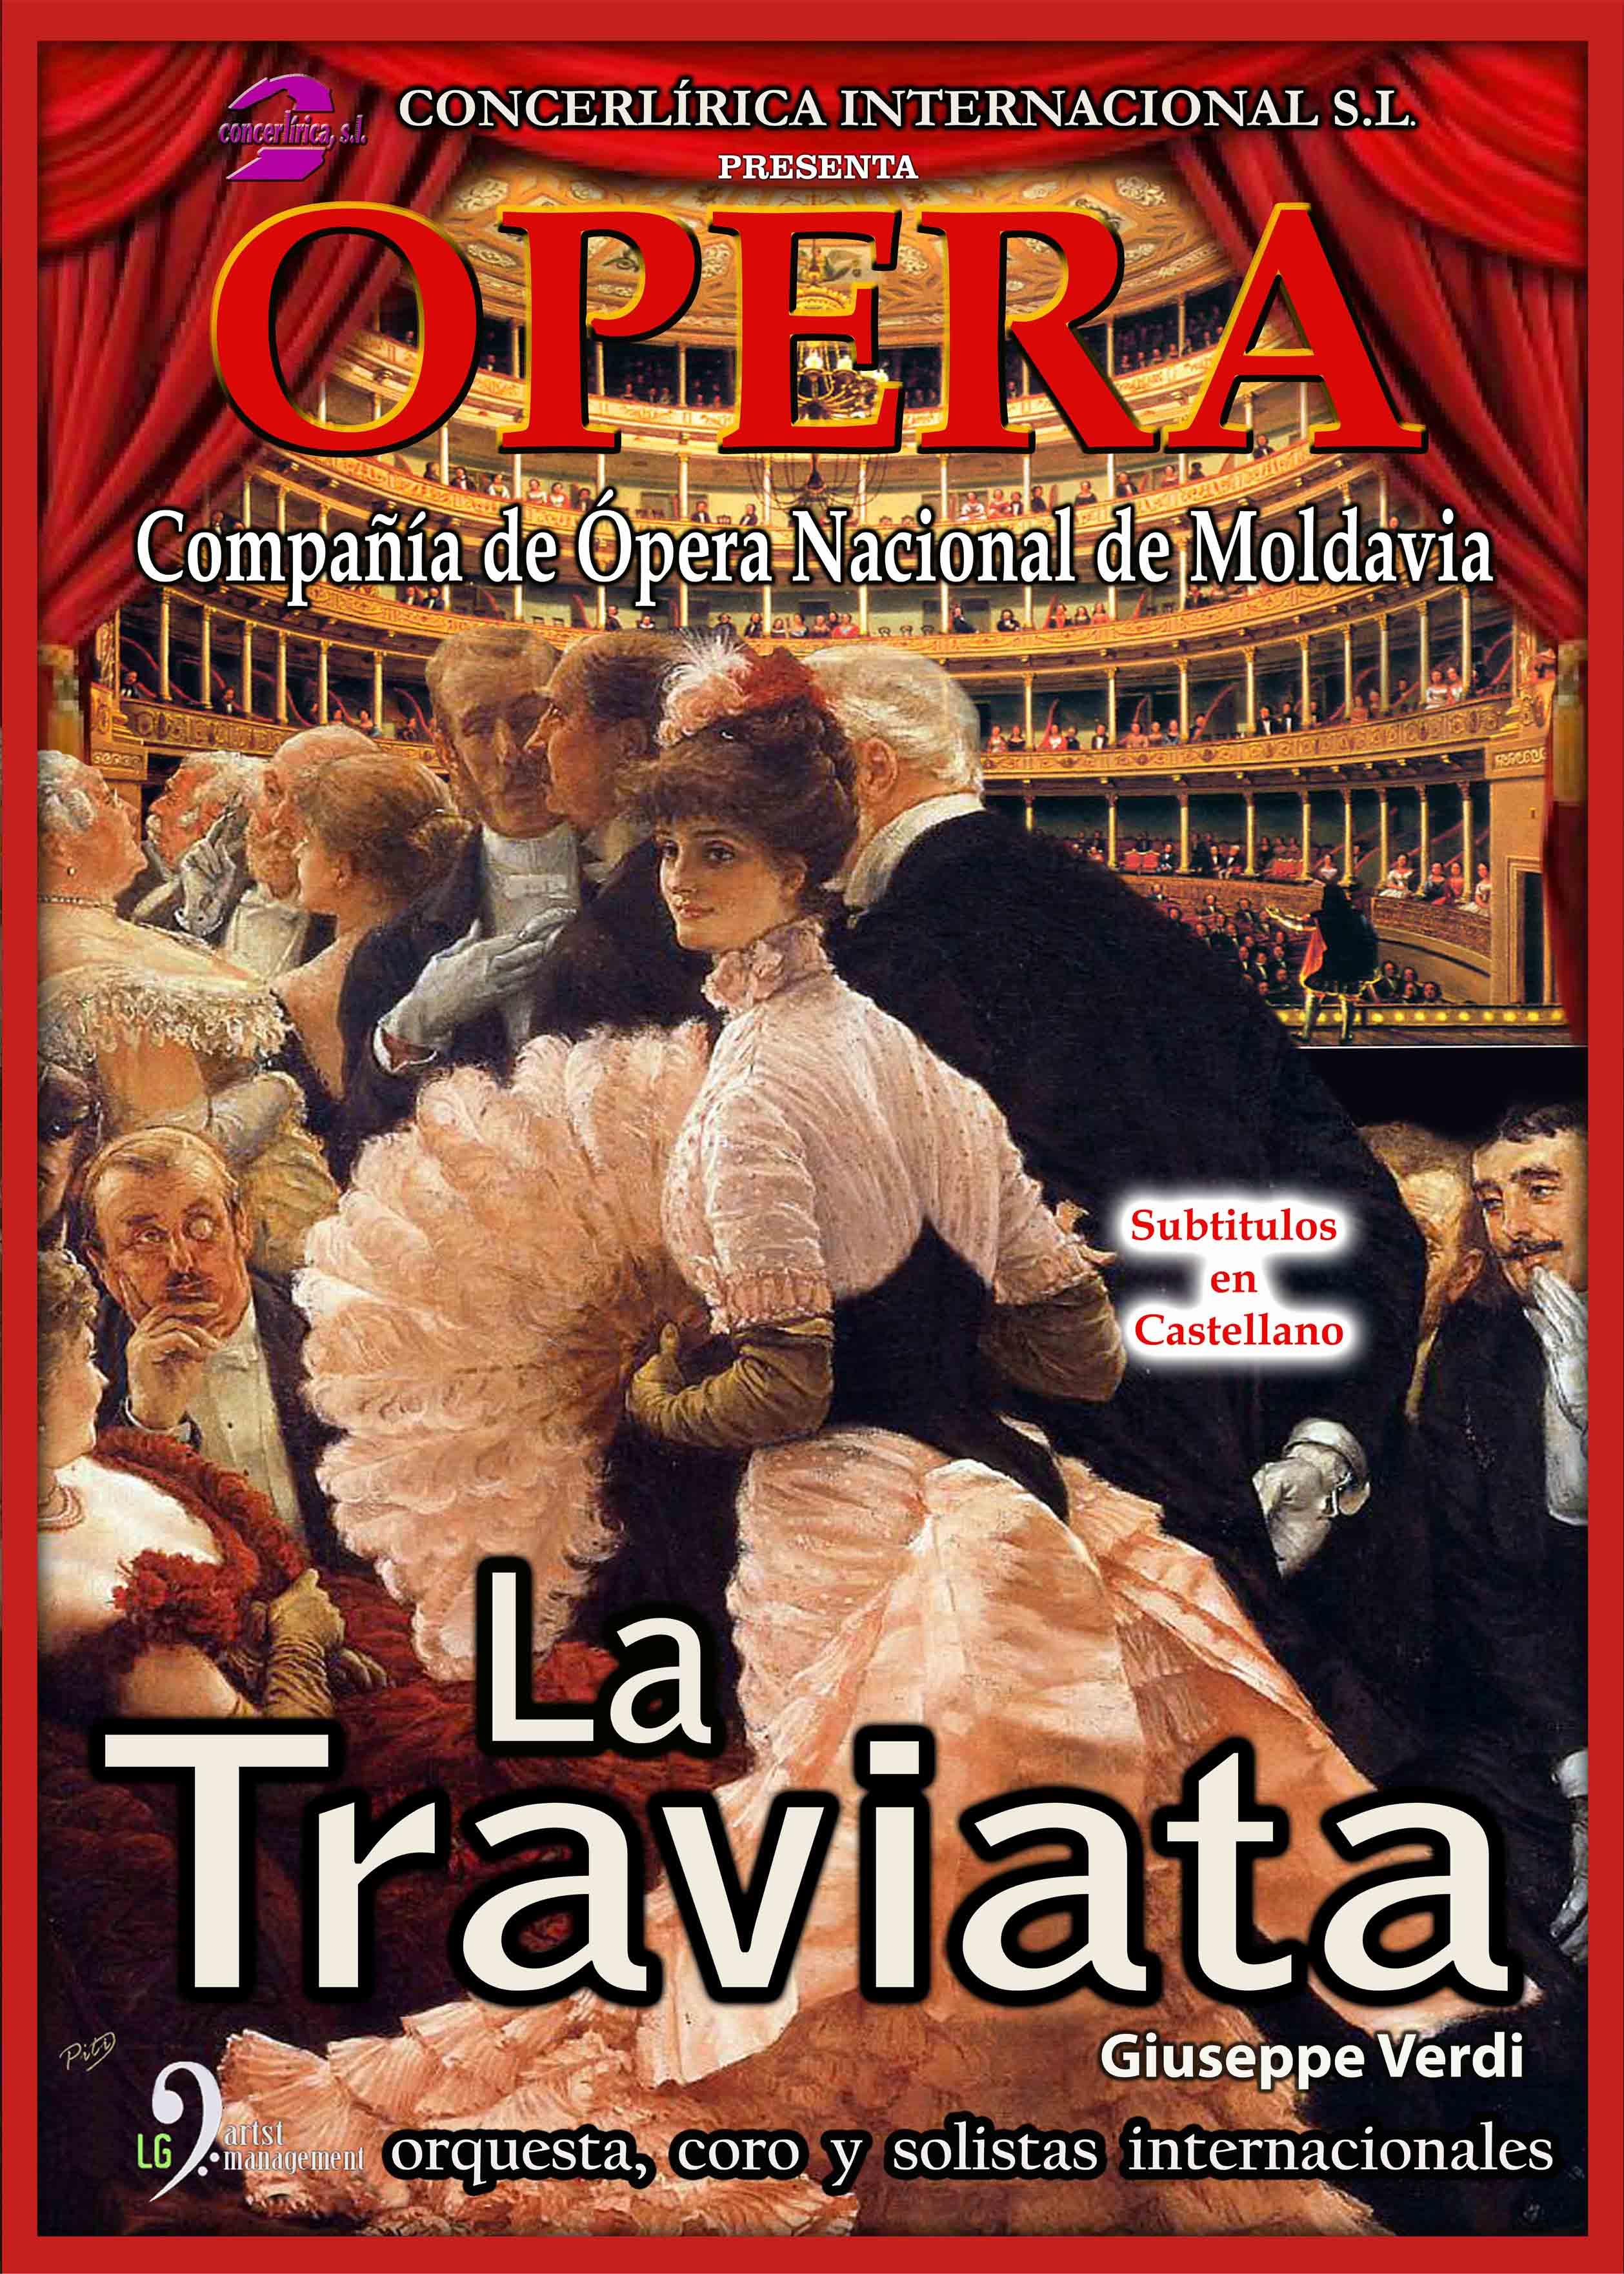 15 de Noviembre: La traviata